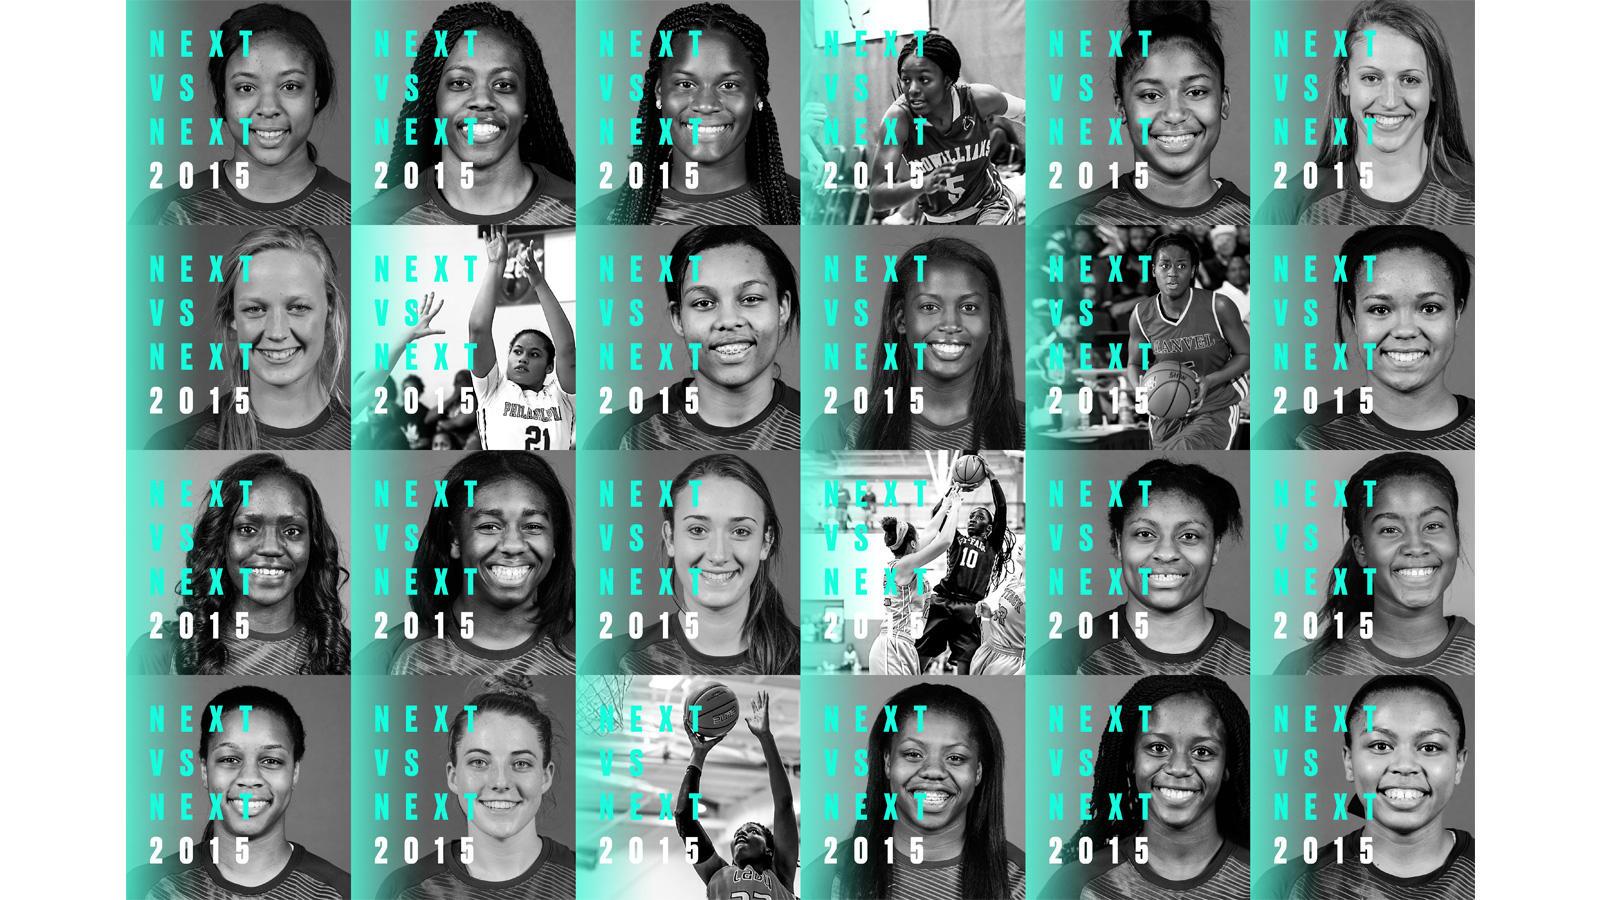 Jordan Brand Classic 2015 Participants